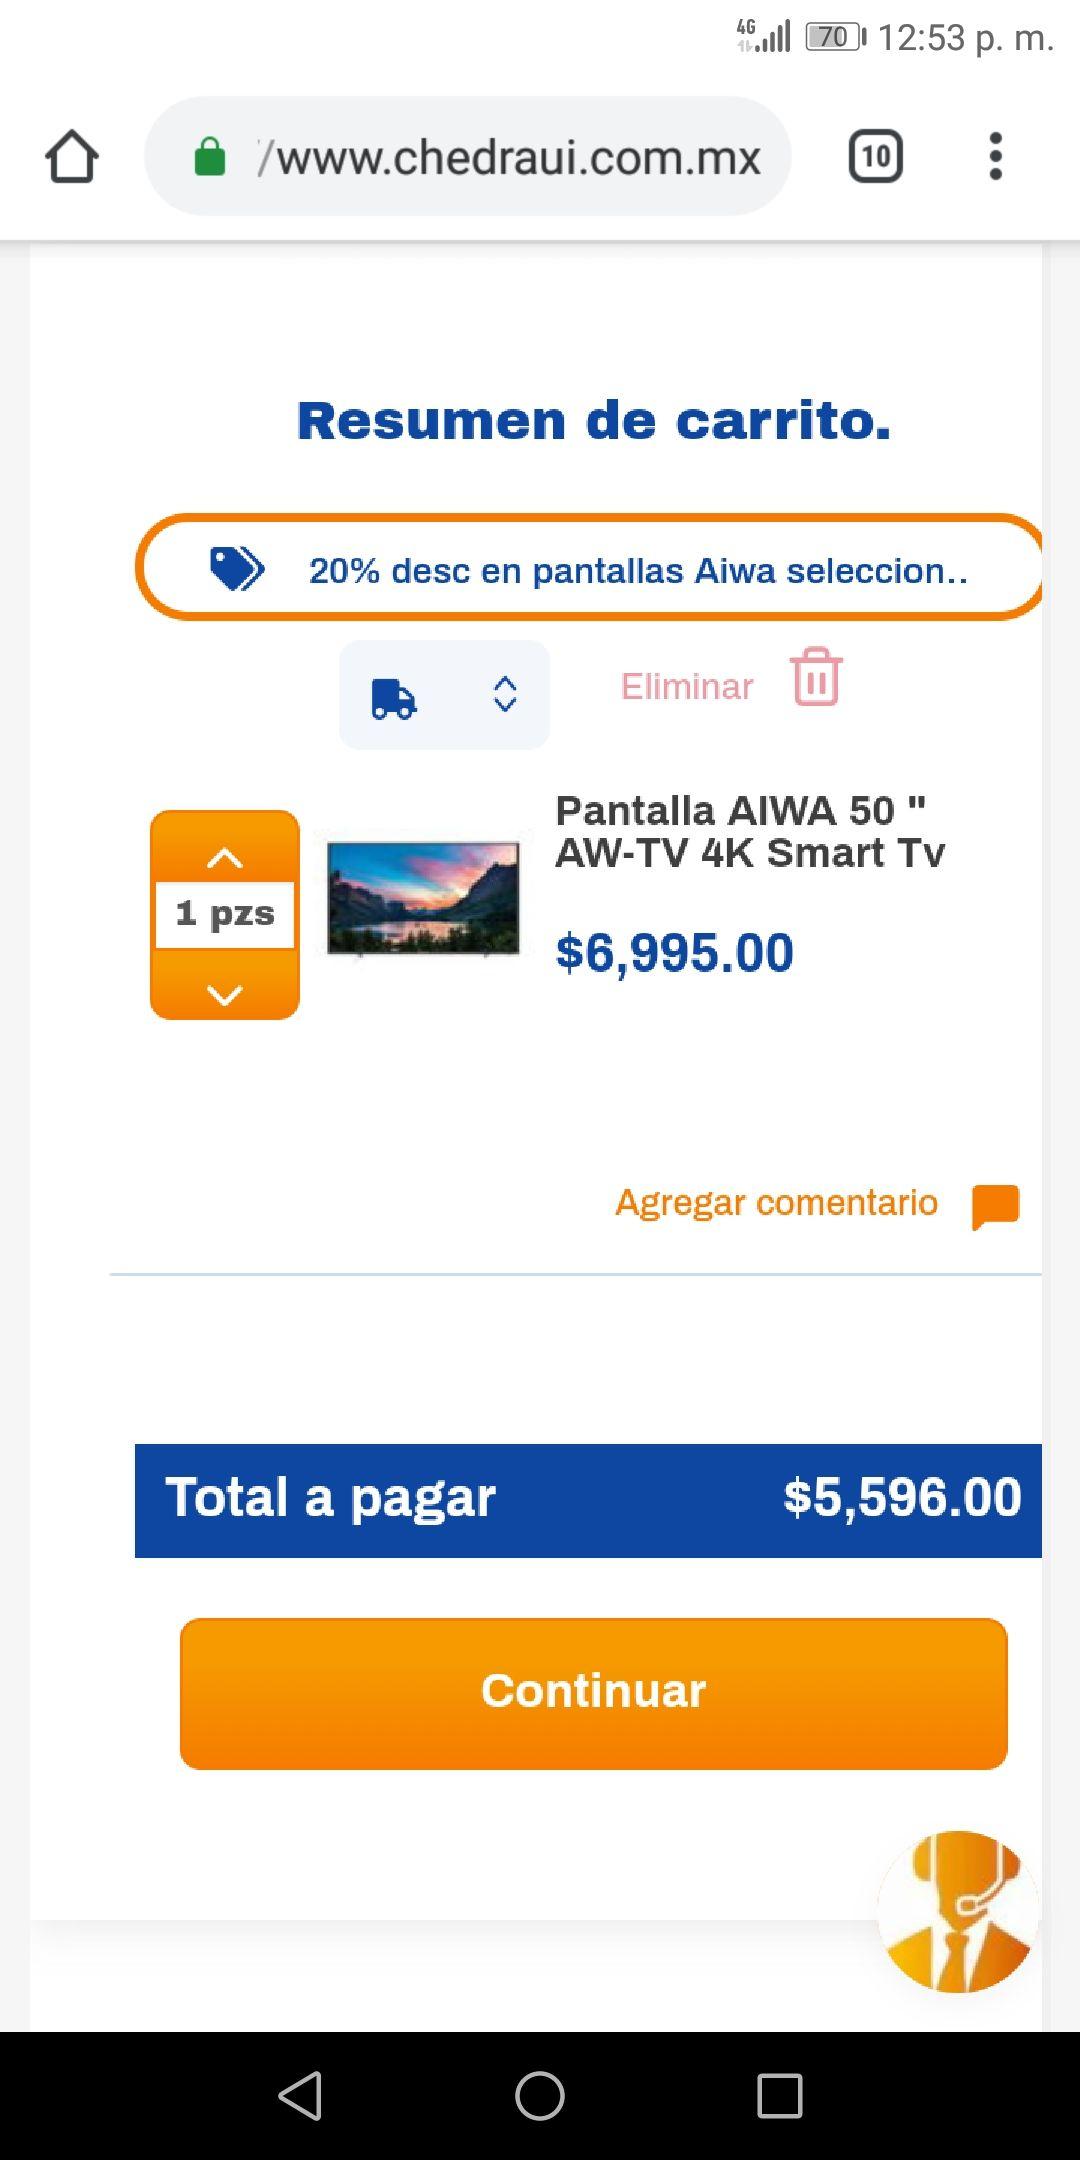 """Chedraui : pantalla AIWA 50"""" 4k smart"""